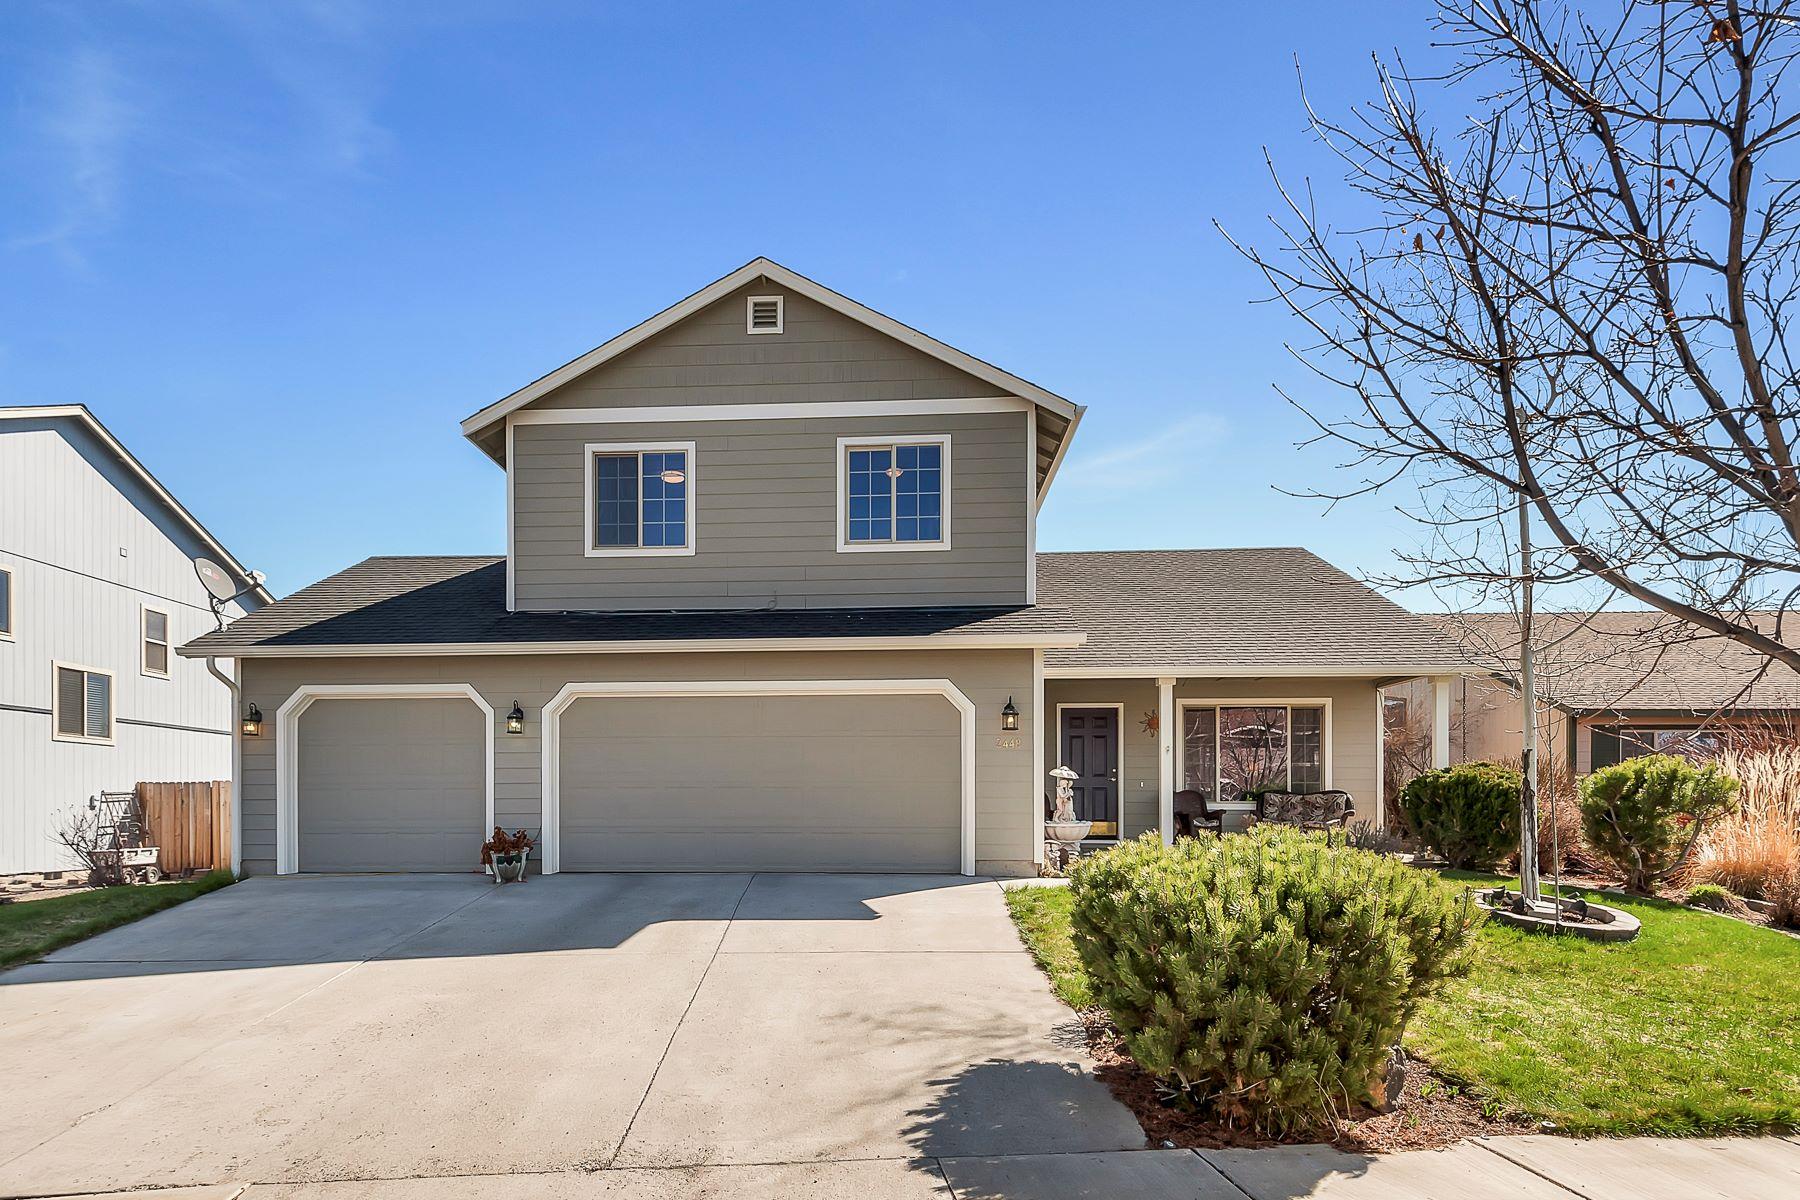 Maison unifamiliale pour l Vente à 2448 NW 13th Street, REDMOND Redmond, Oregon, 97756 États-Unis